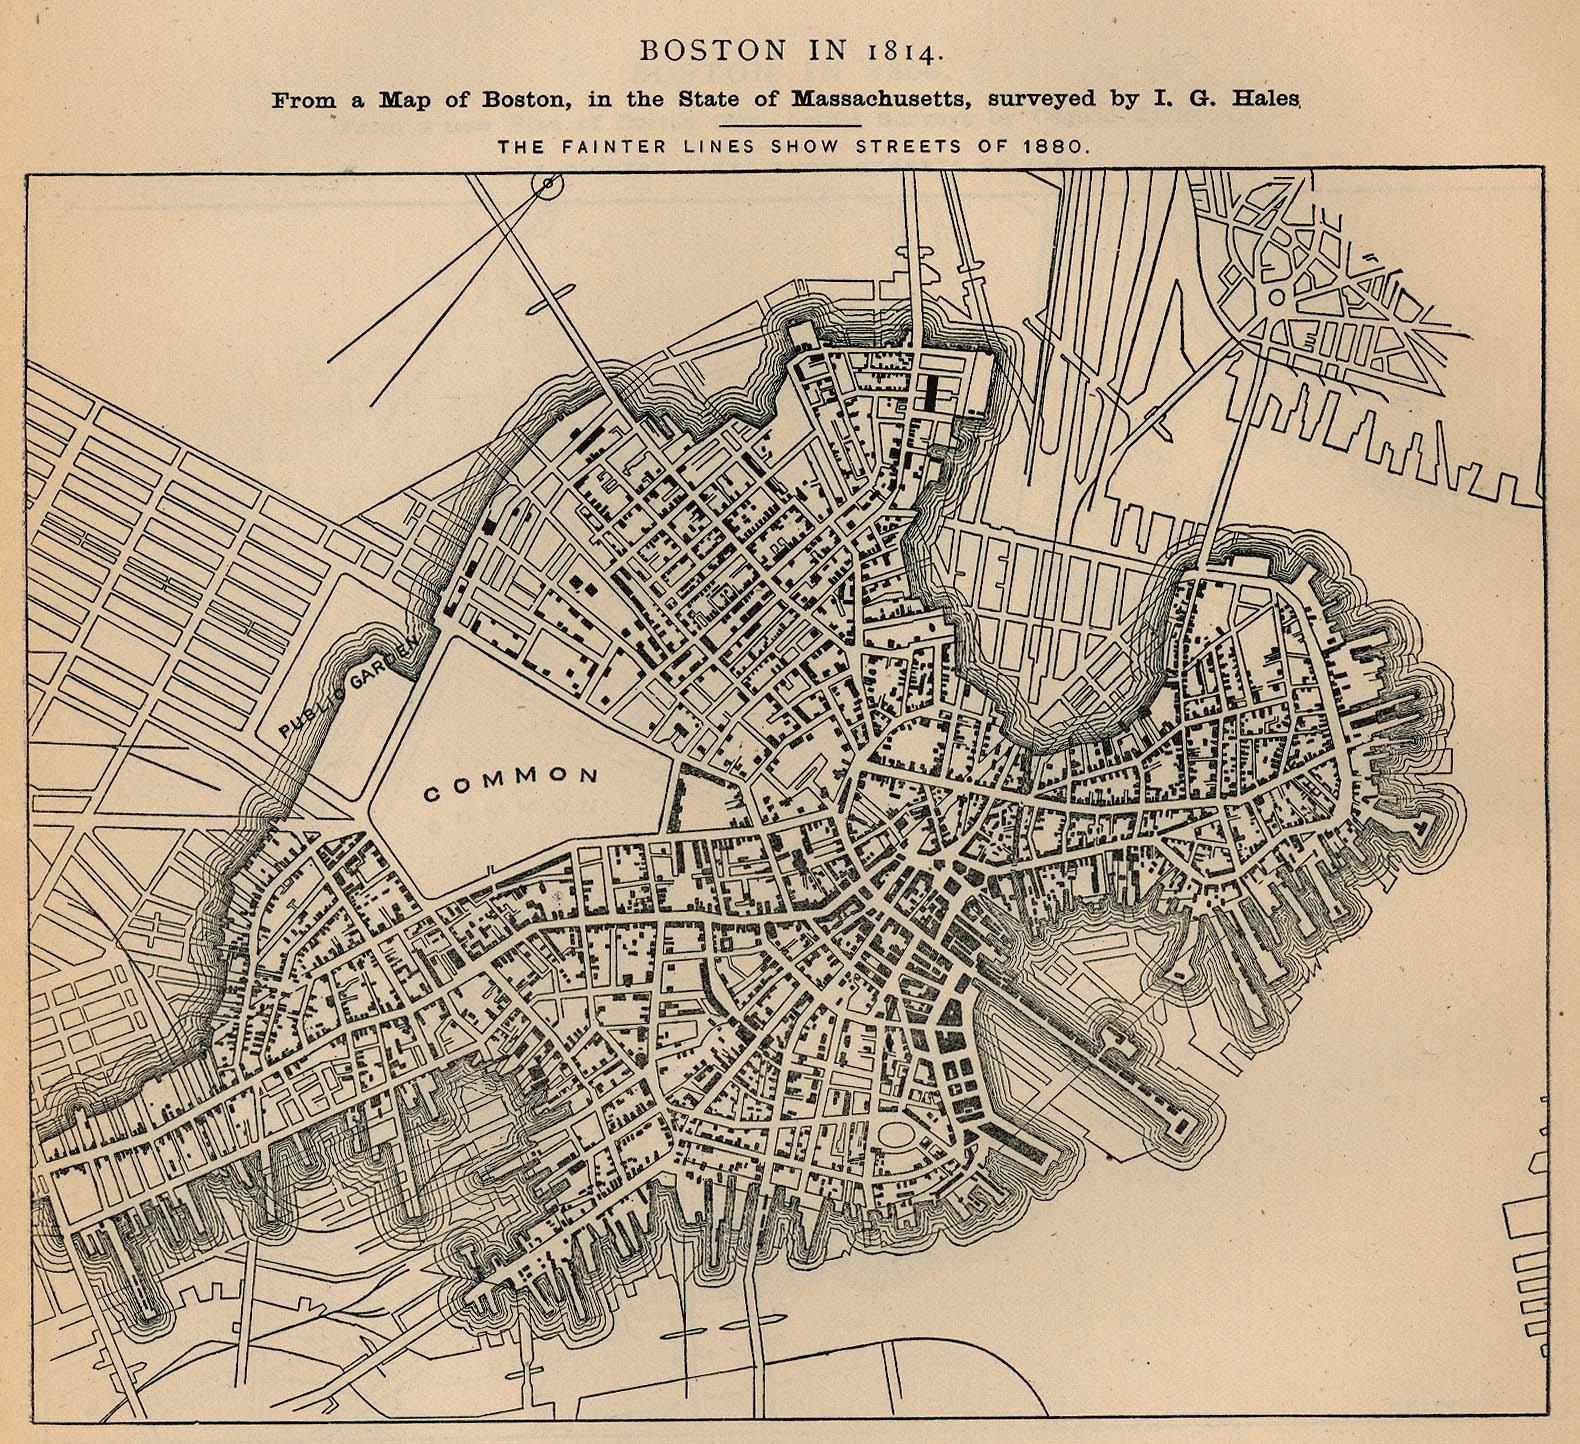 FileBoston Jpg Wikimedia Commons - 1814 us map